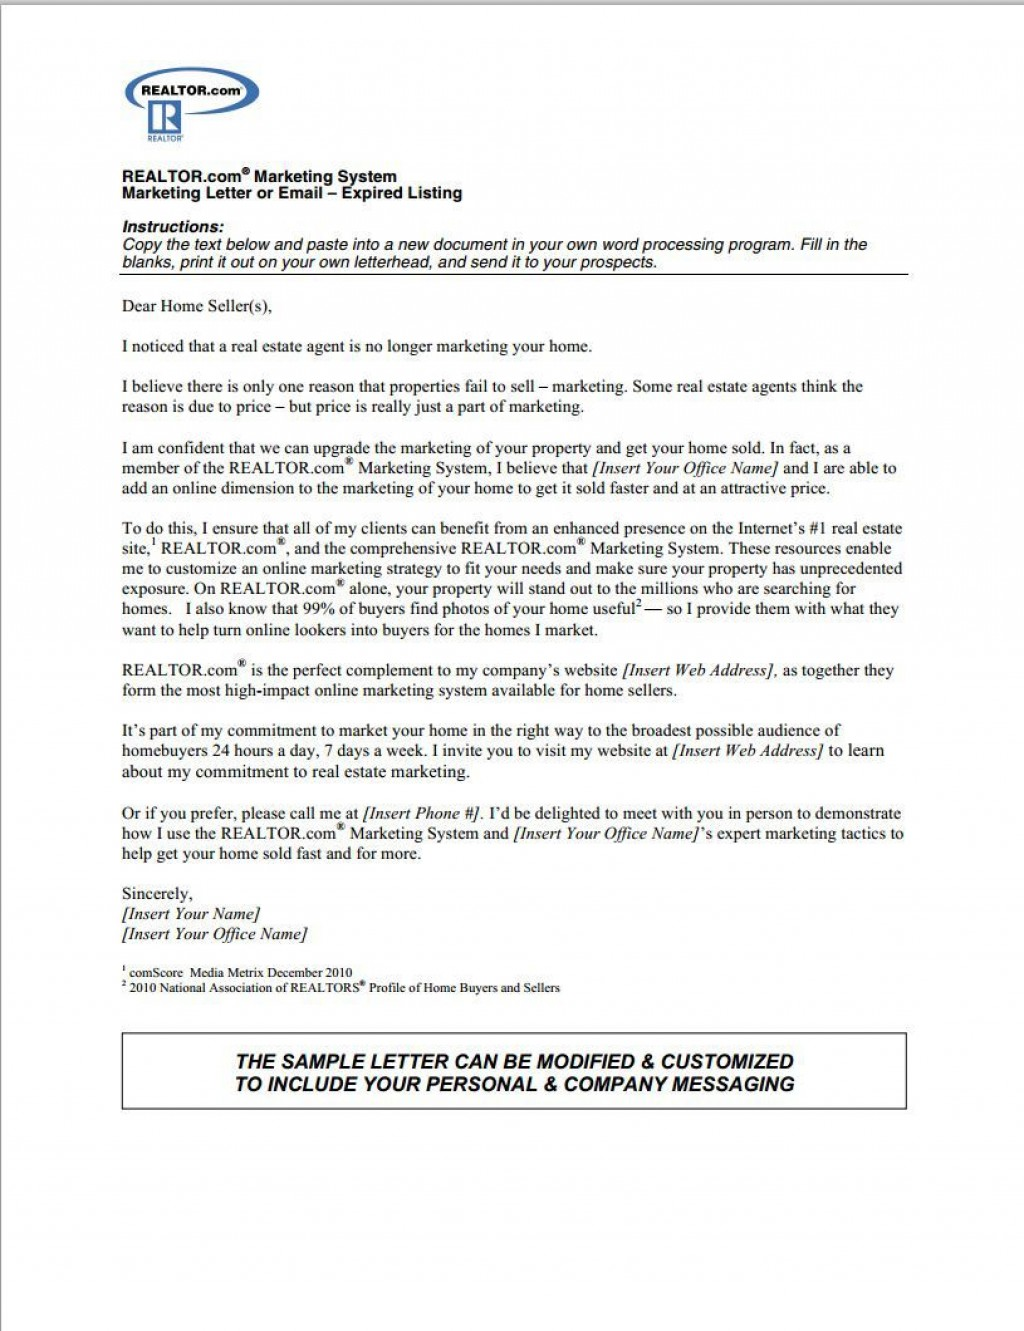 001 Stirring Real Estate Marketing Letter Template Design  TemplatesLarge